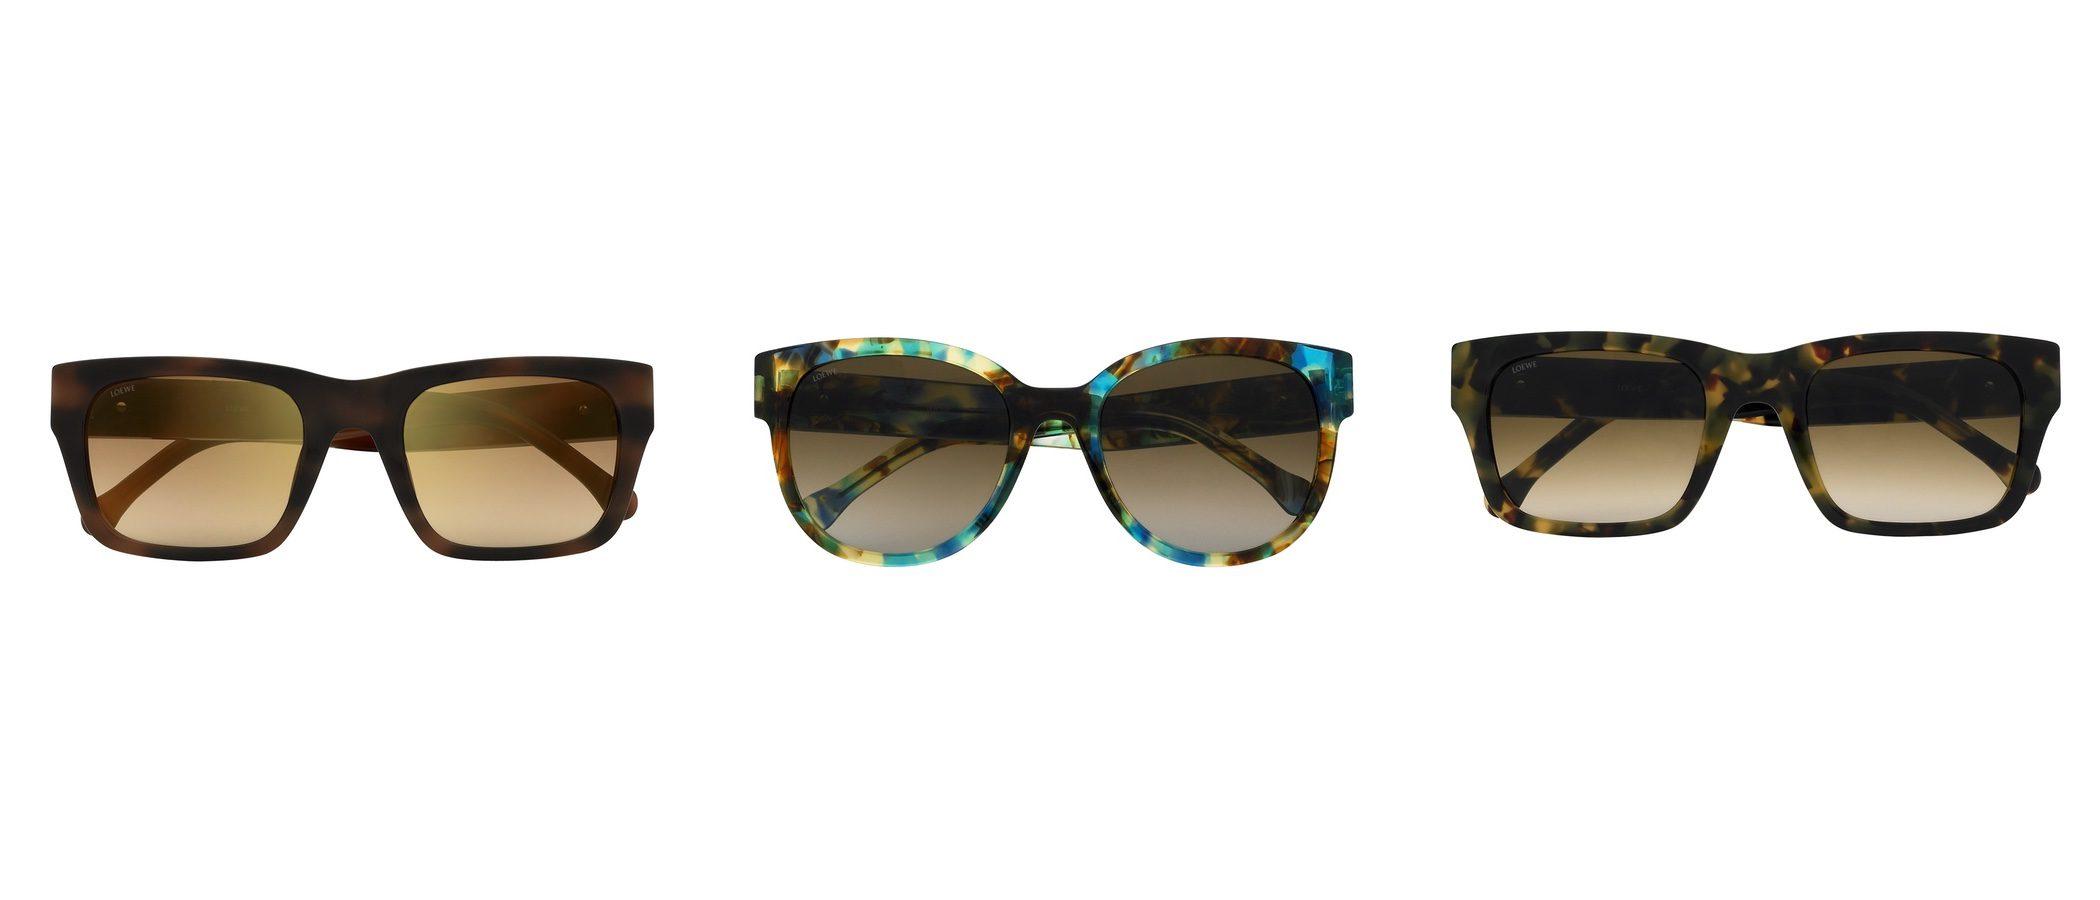 El estilo minimalista se apodera de Loewe en su colección de gafas de sol sofisticadas